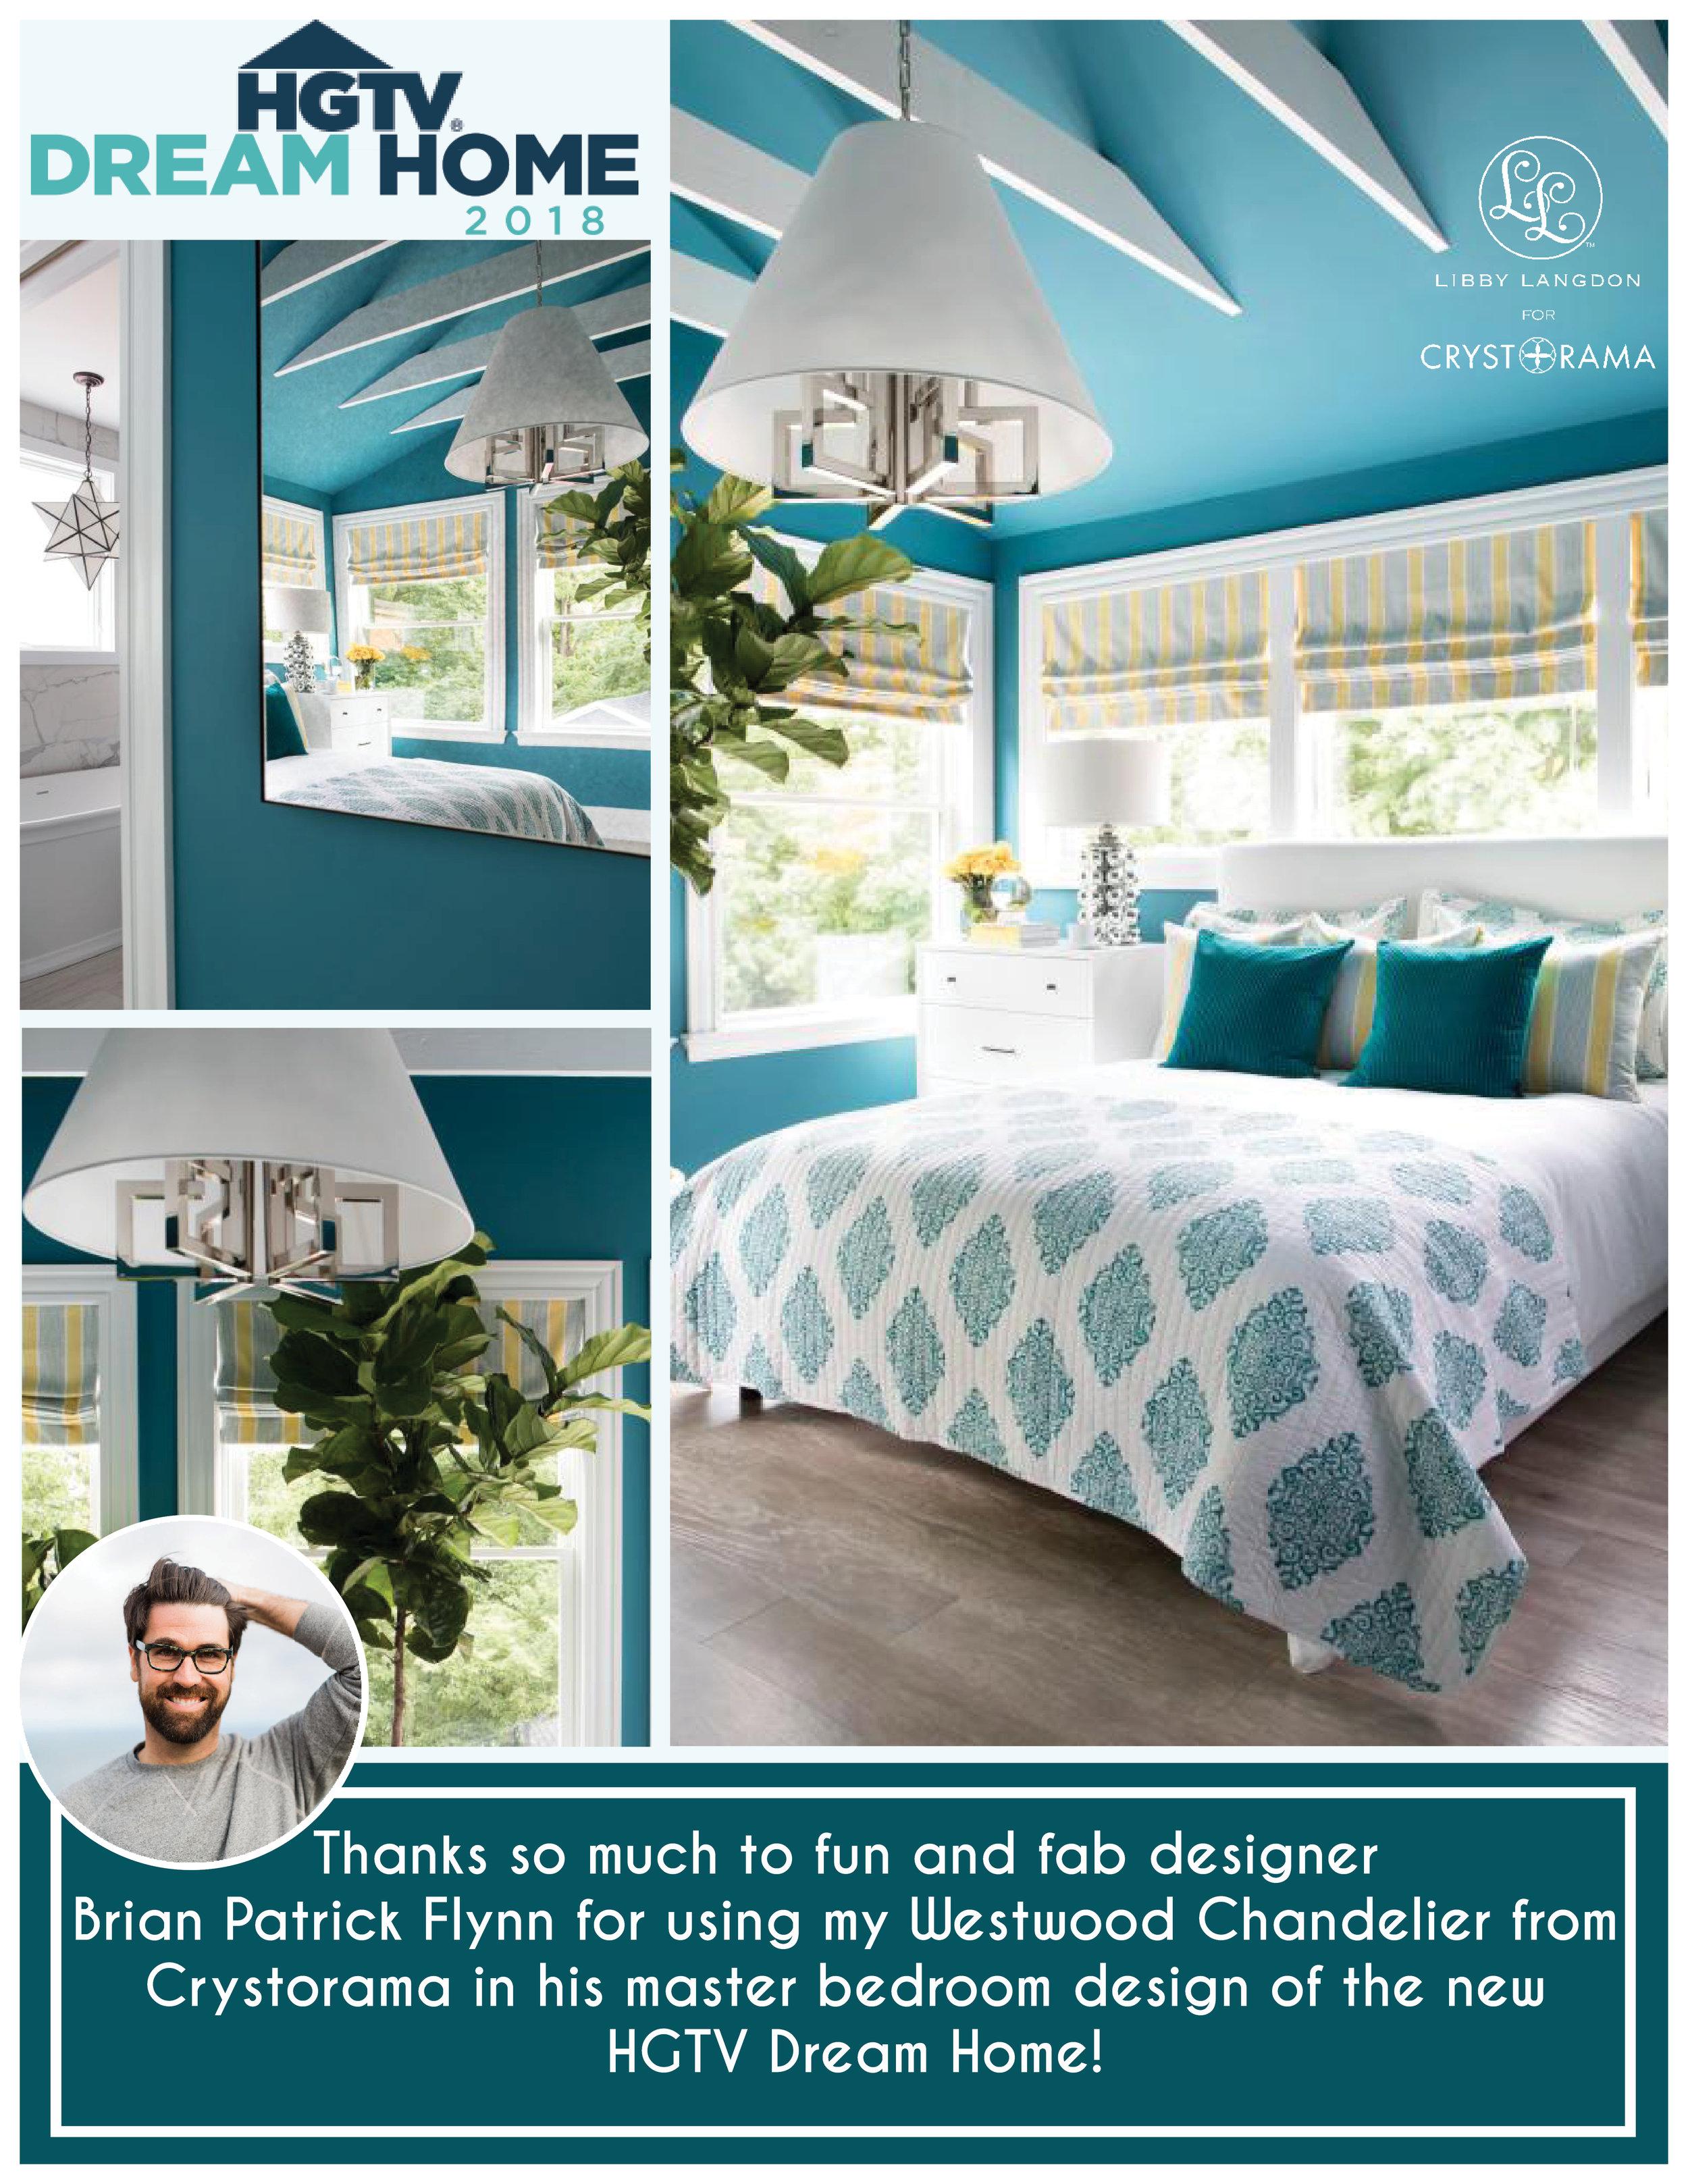 HGTV Dream Home2.jpg